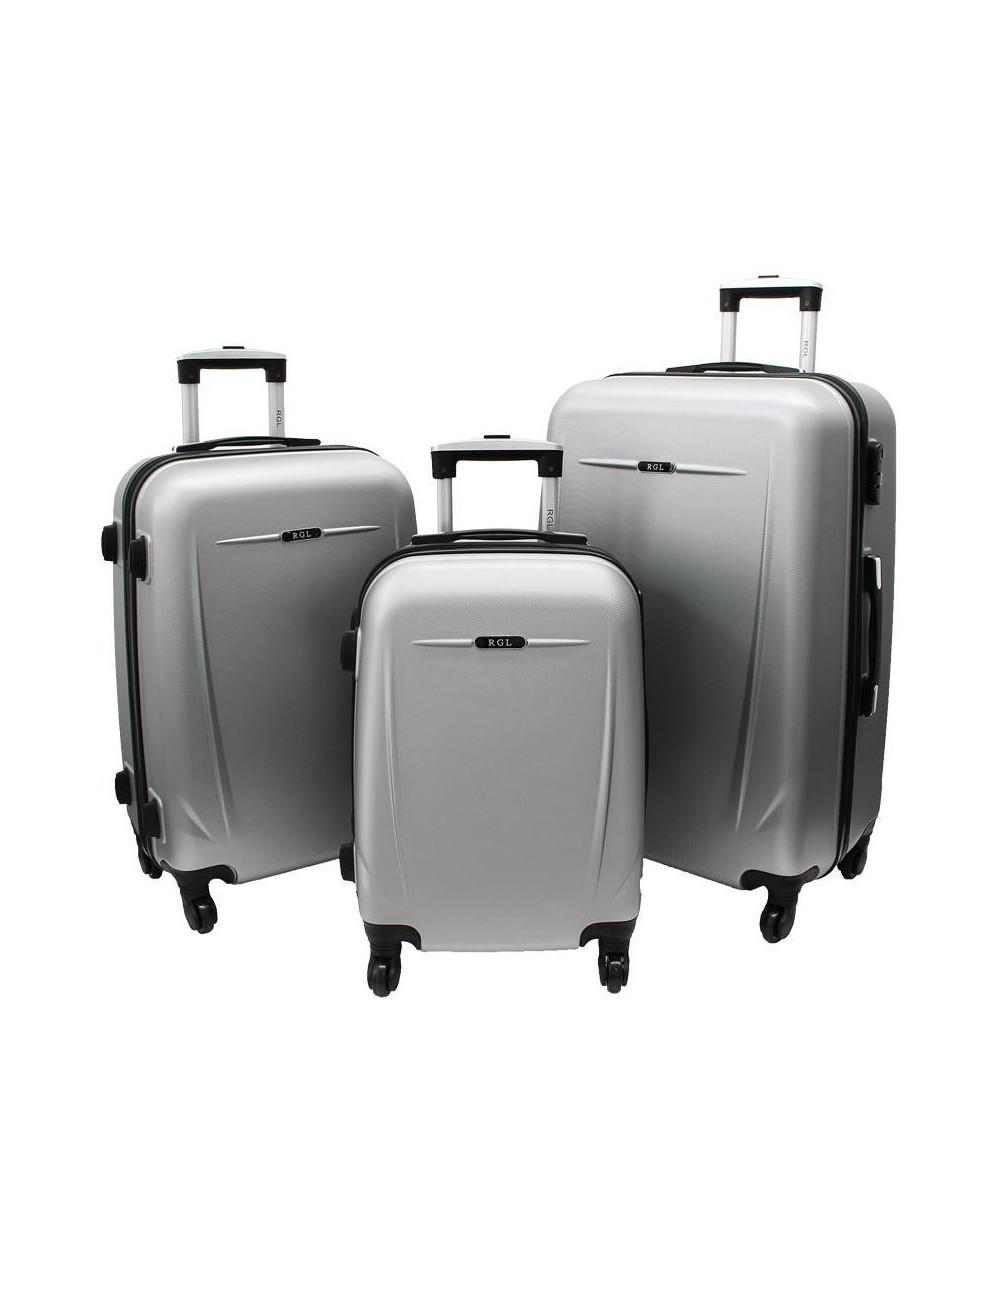 Zestaw walizek podróżnych na kółkach 3w1 780 XXL XL L - srebrny